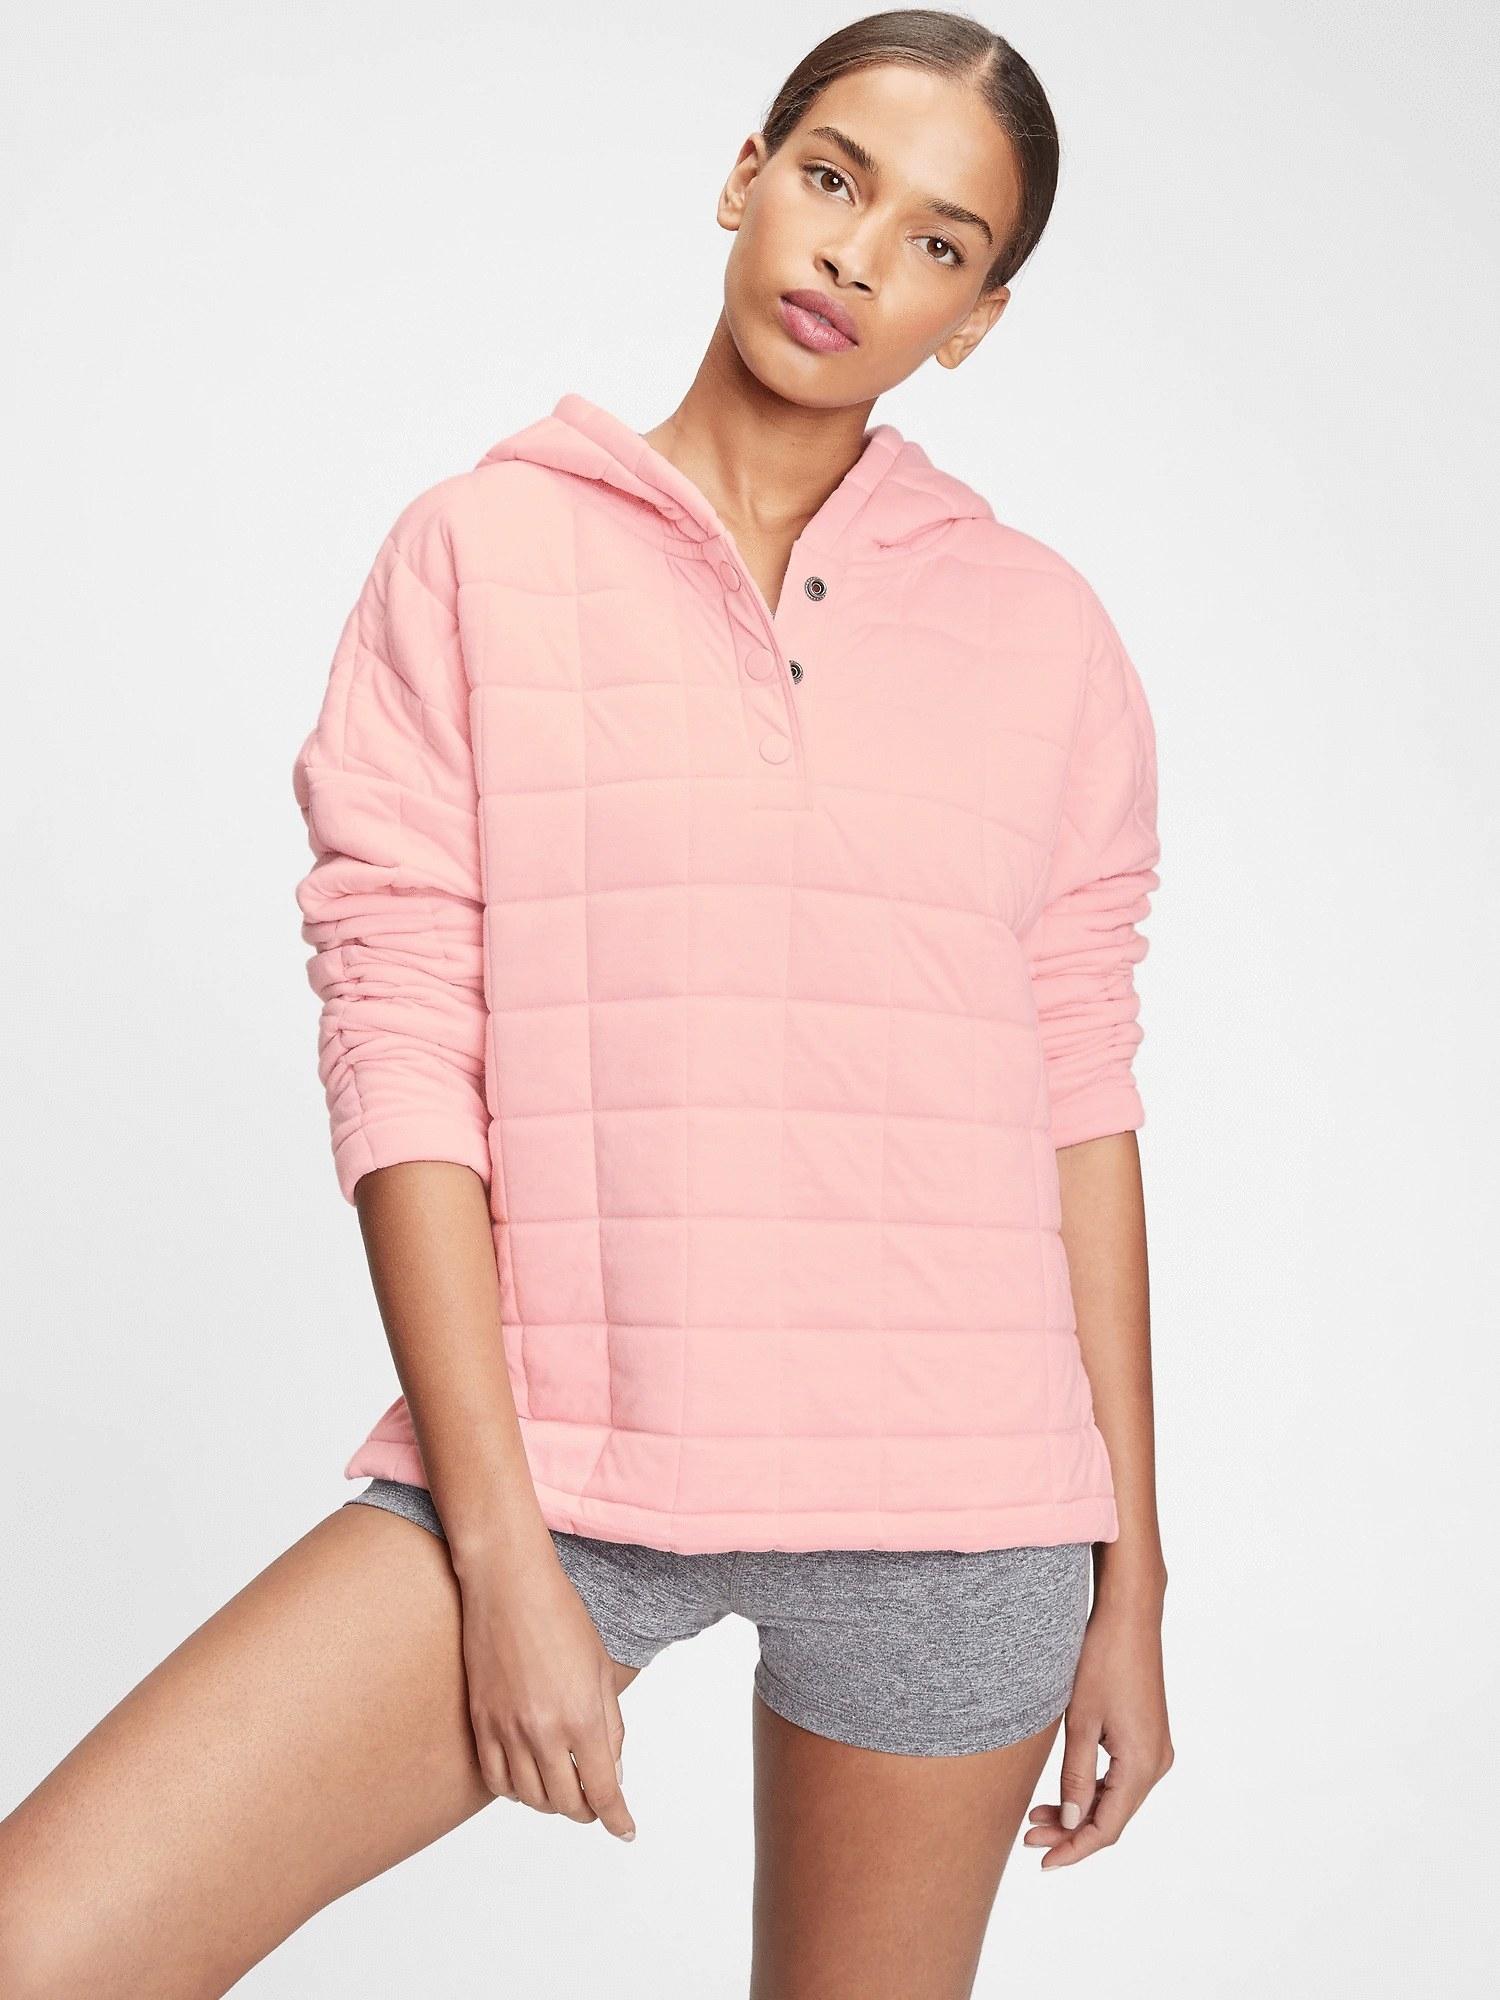 Model wearing pink hoodie